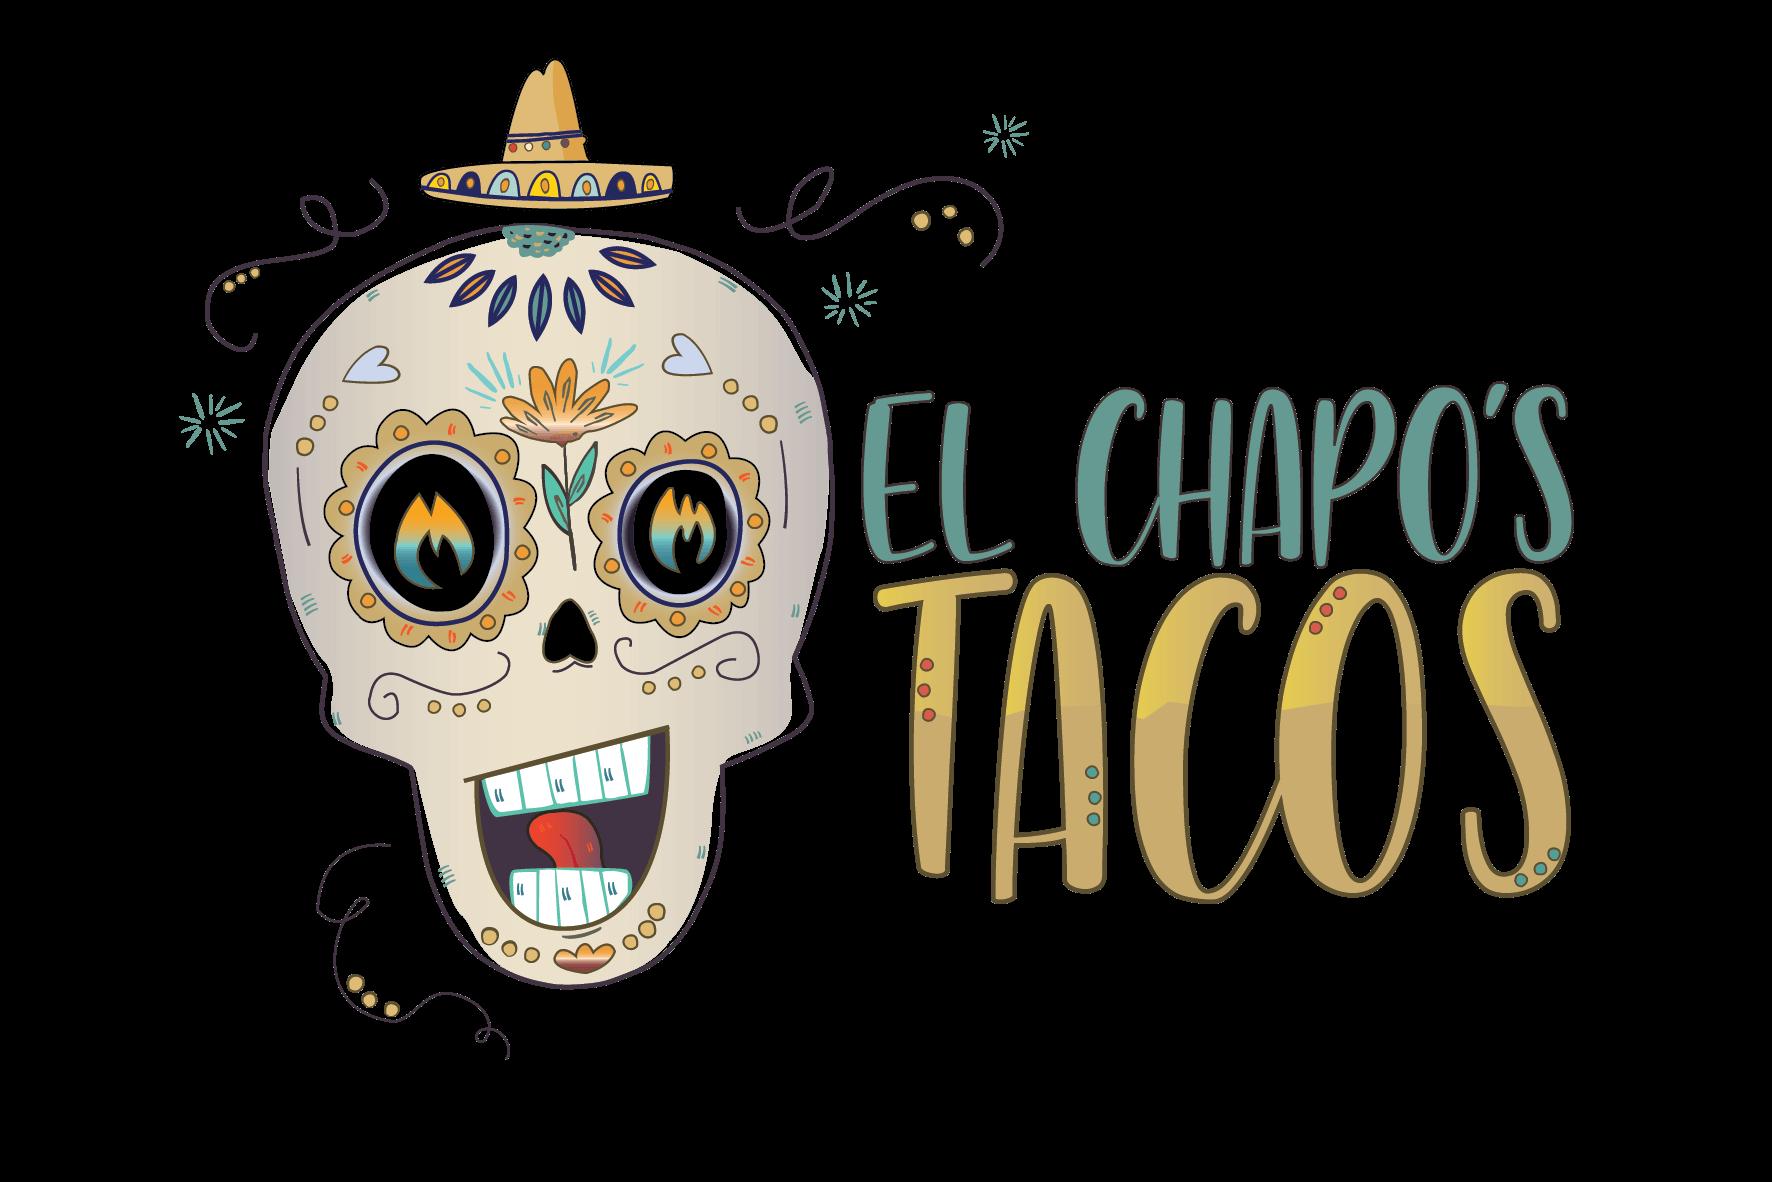 El Chapo's Tacos